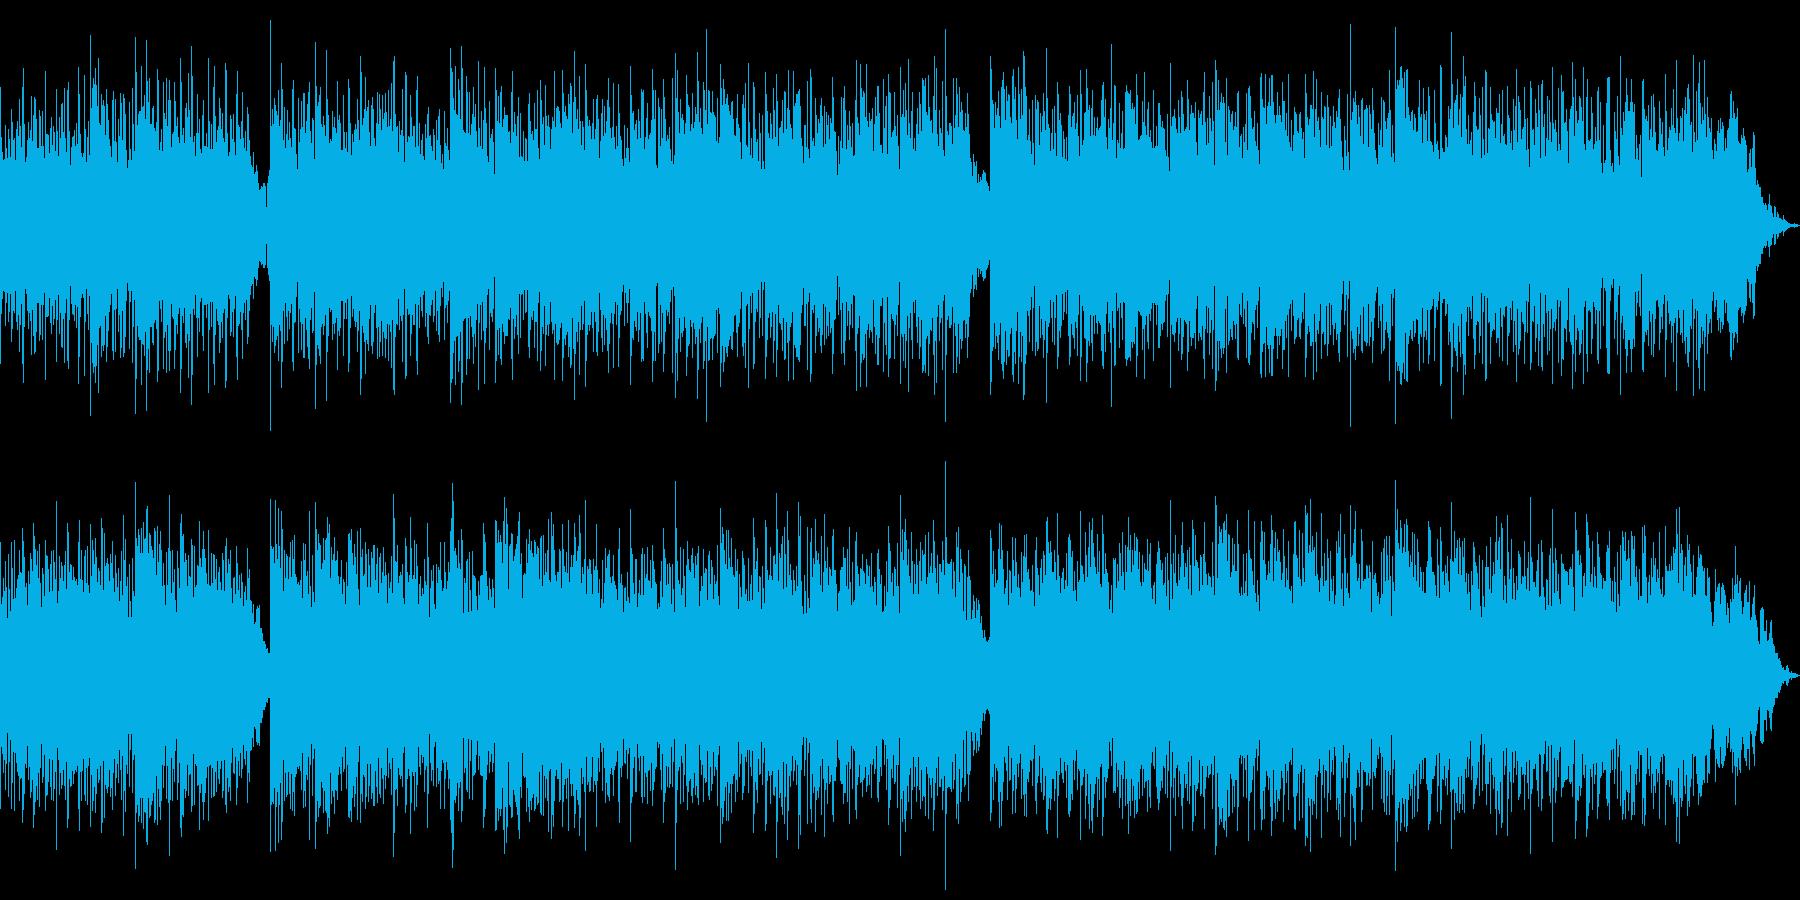 テーマ「ボスから逃げろ」1分BGMの再生済みの波形